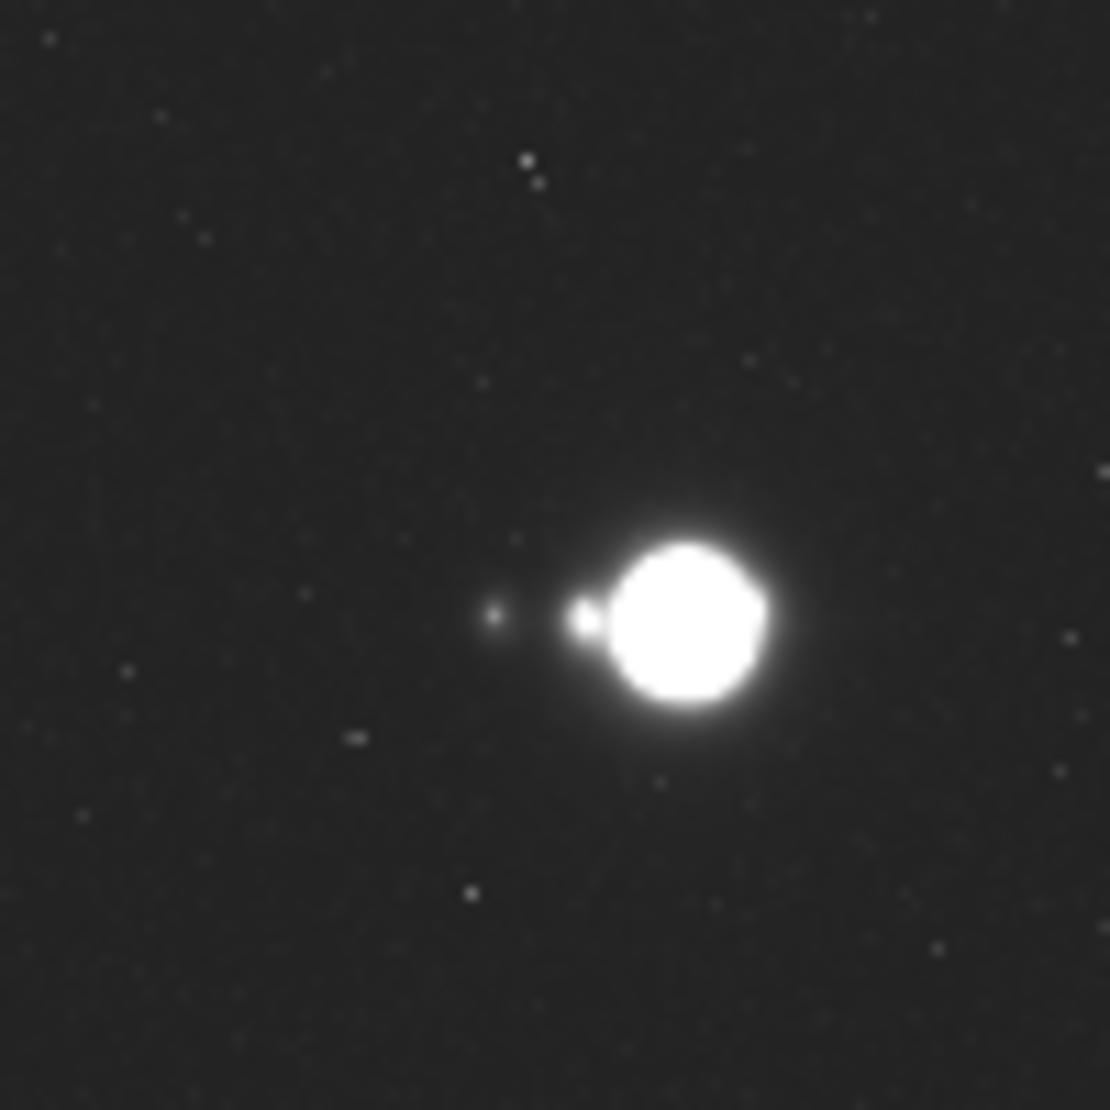 ESA's Juice deep-space Jupiter mission first images.